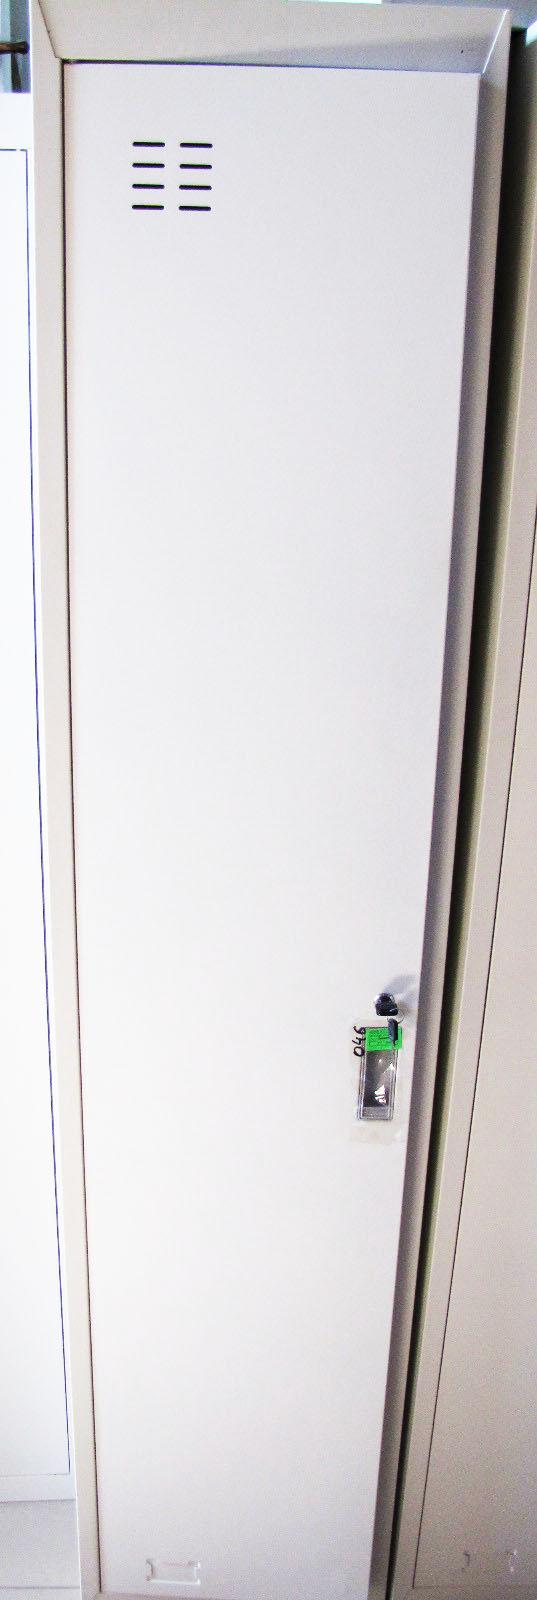 Шкаф метал.одинарный белый  т=0,8мм 046(2шт)